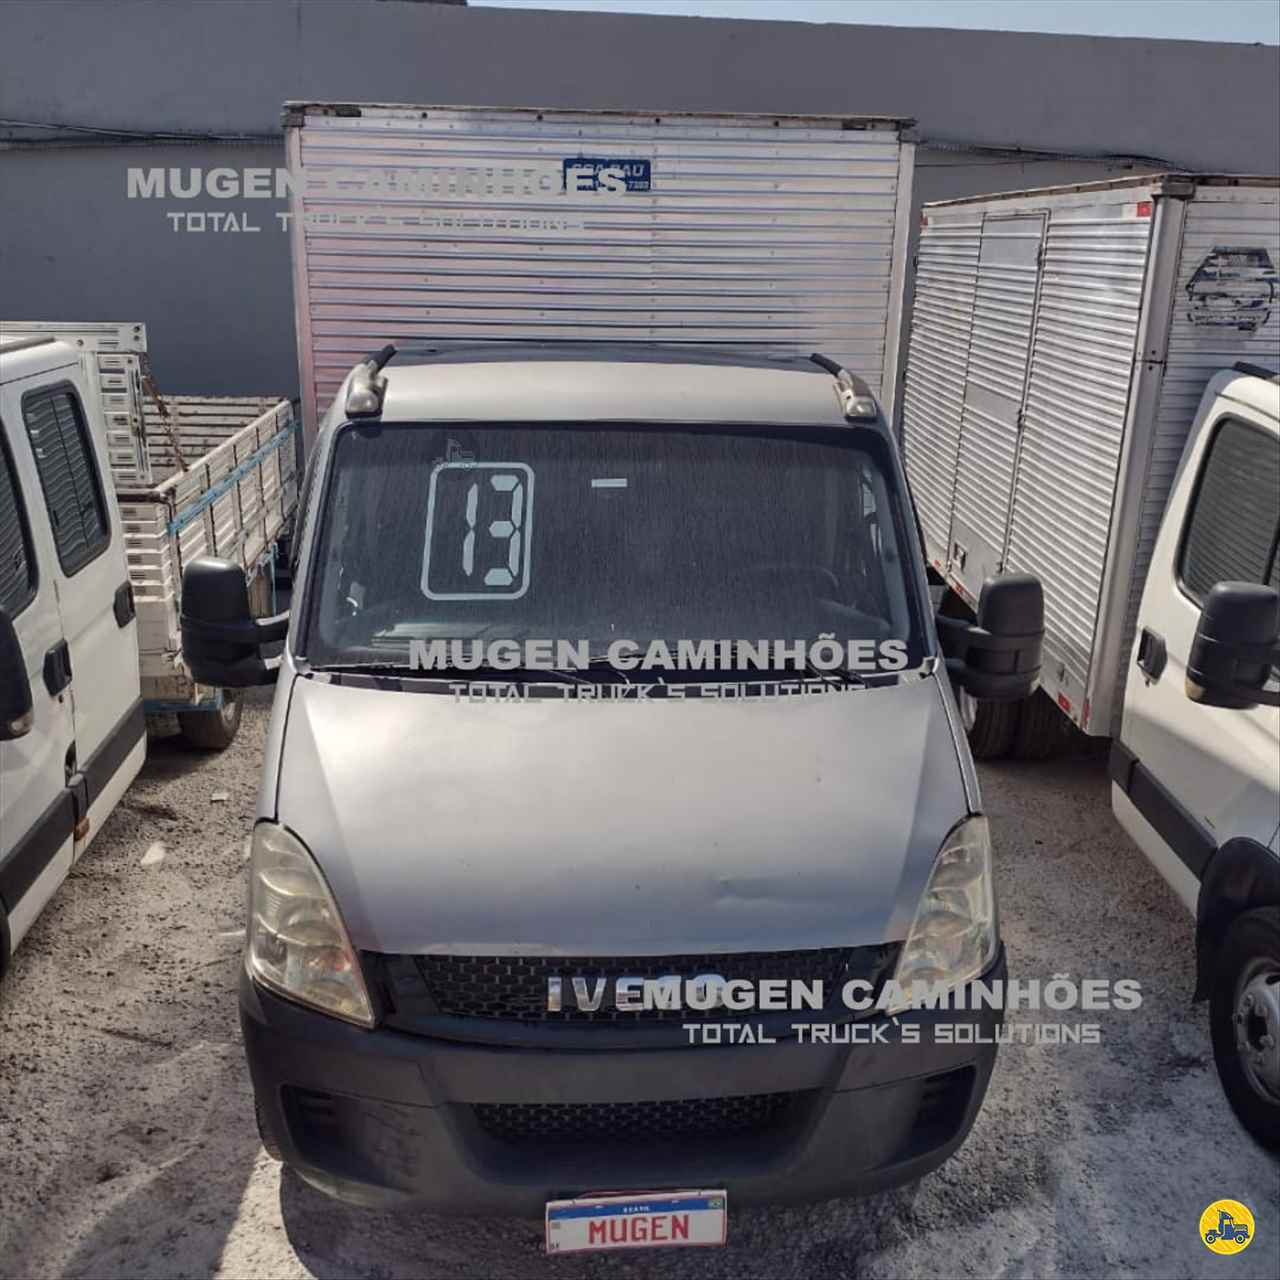 DAILY 35s14 de Mugen Caminhões - GUARULHOS/SP